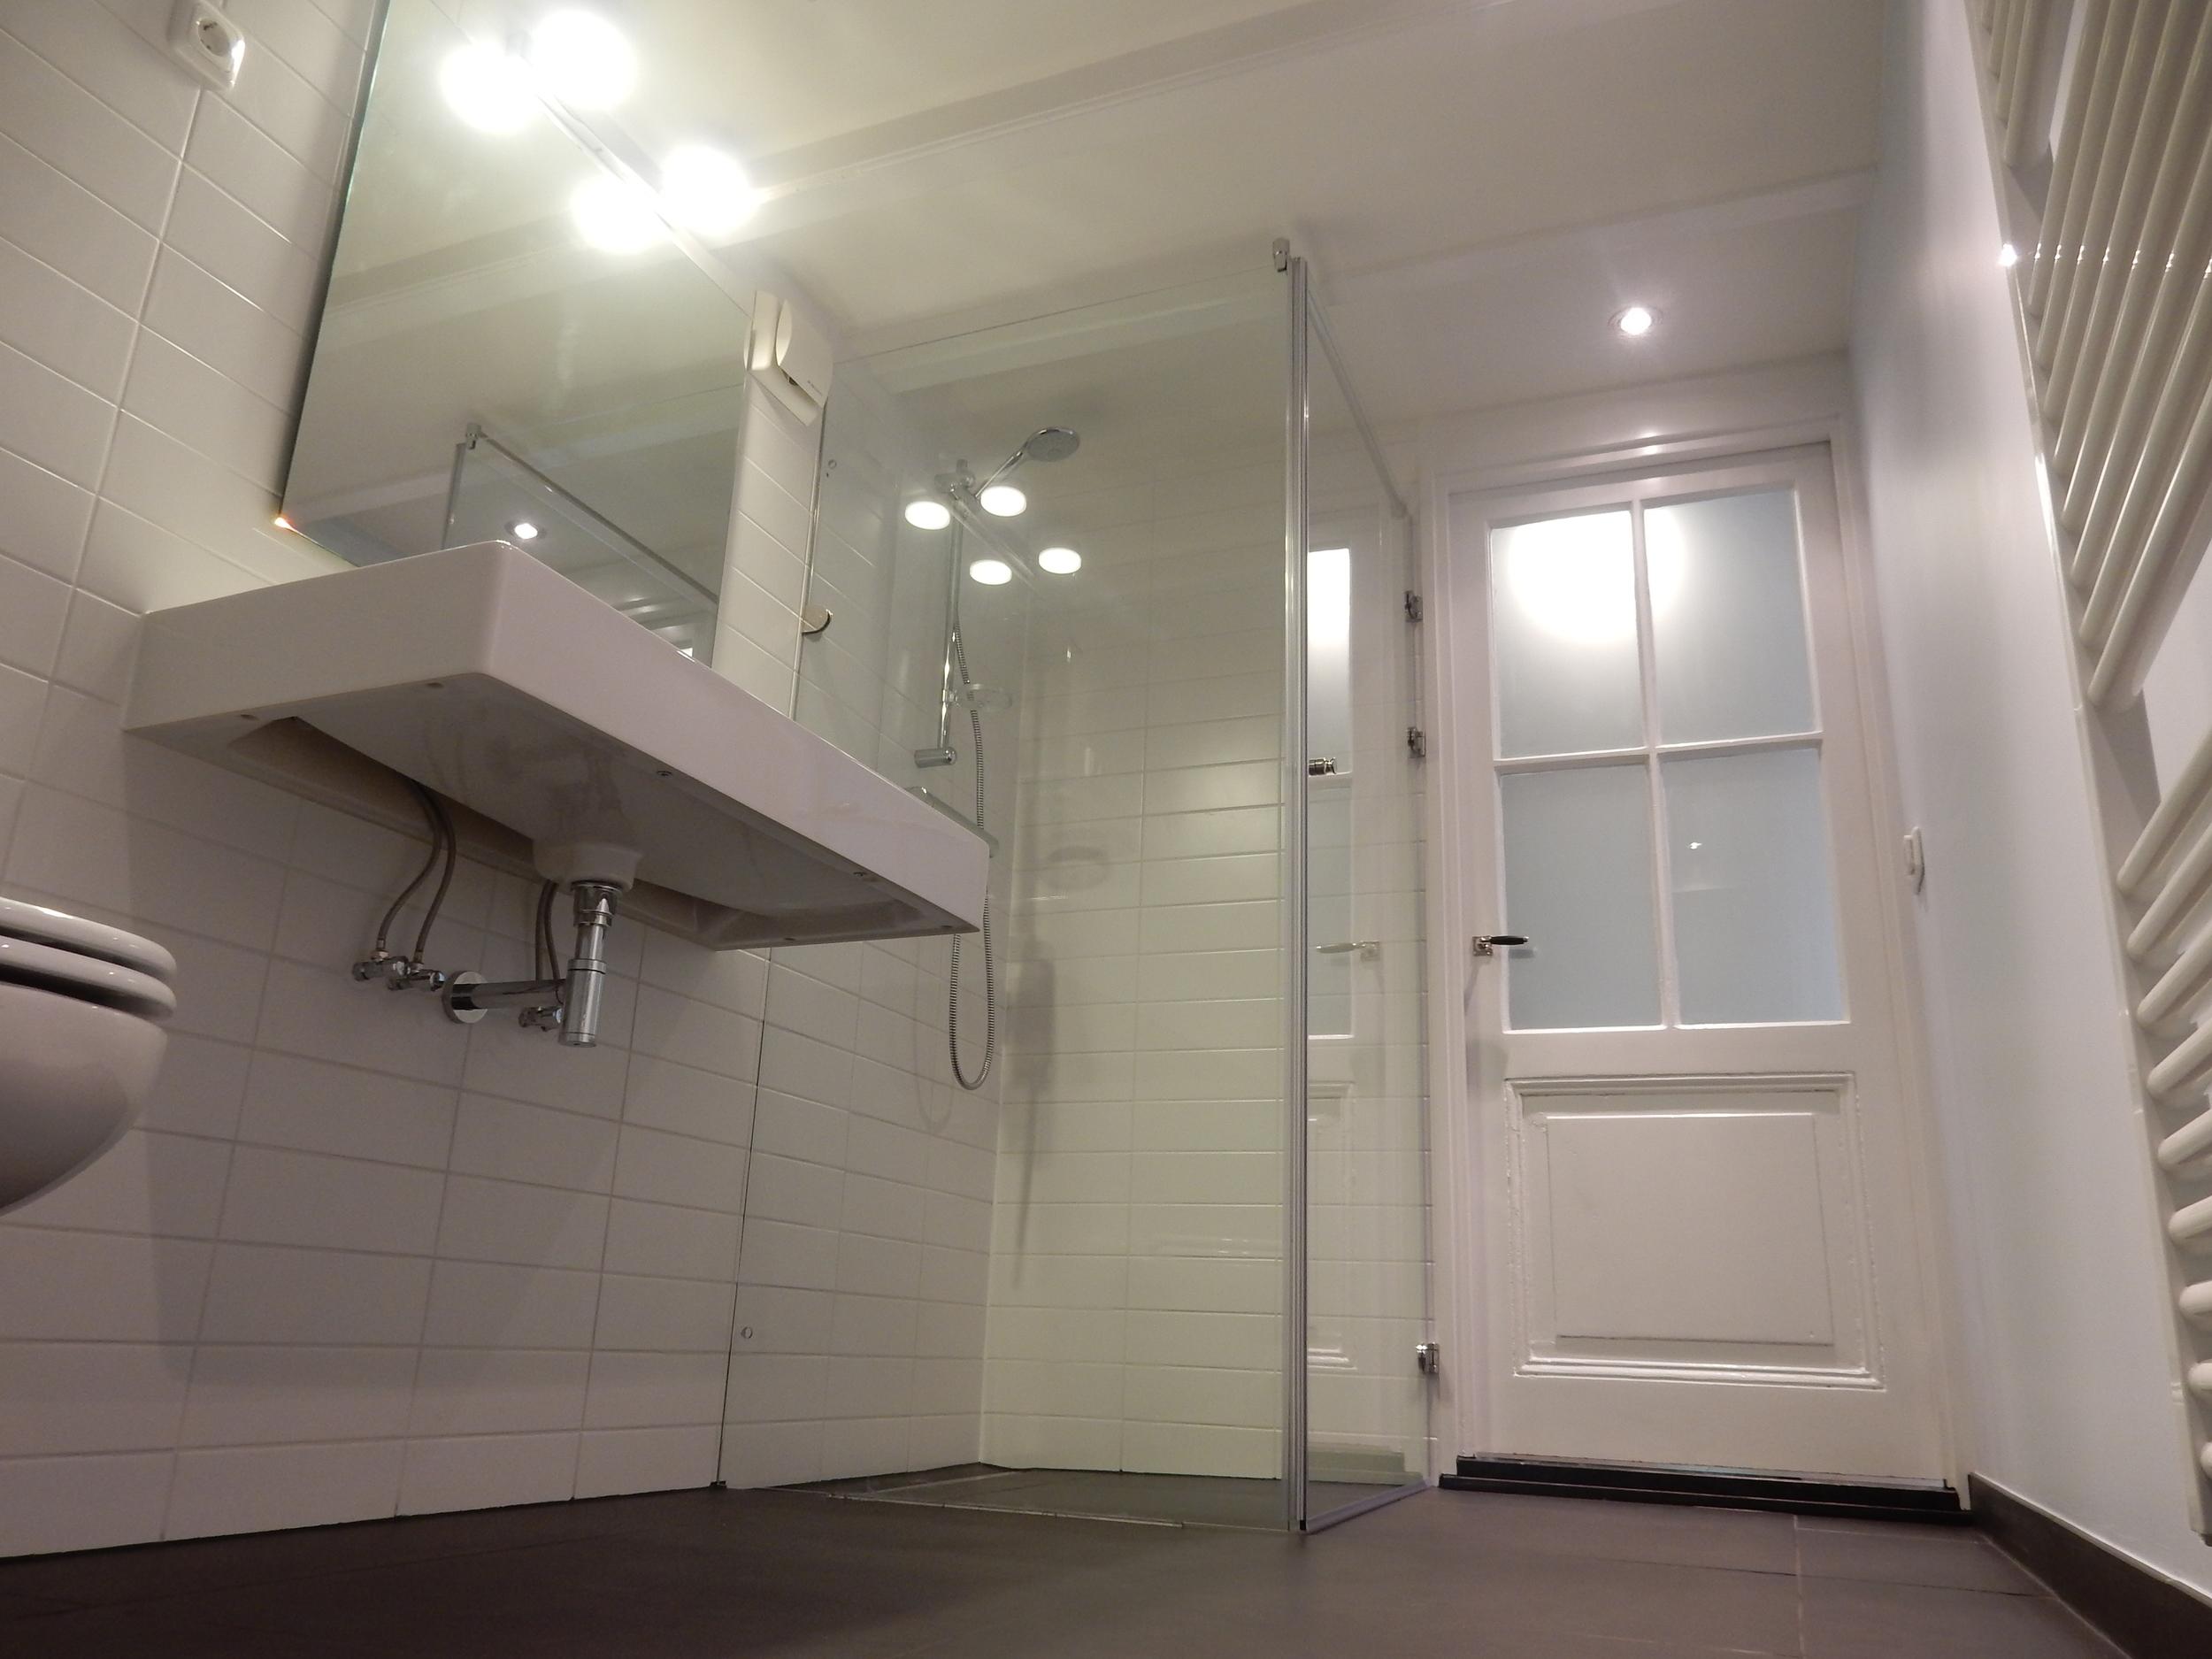 Resultaat van een totale make-over van een badkamer